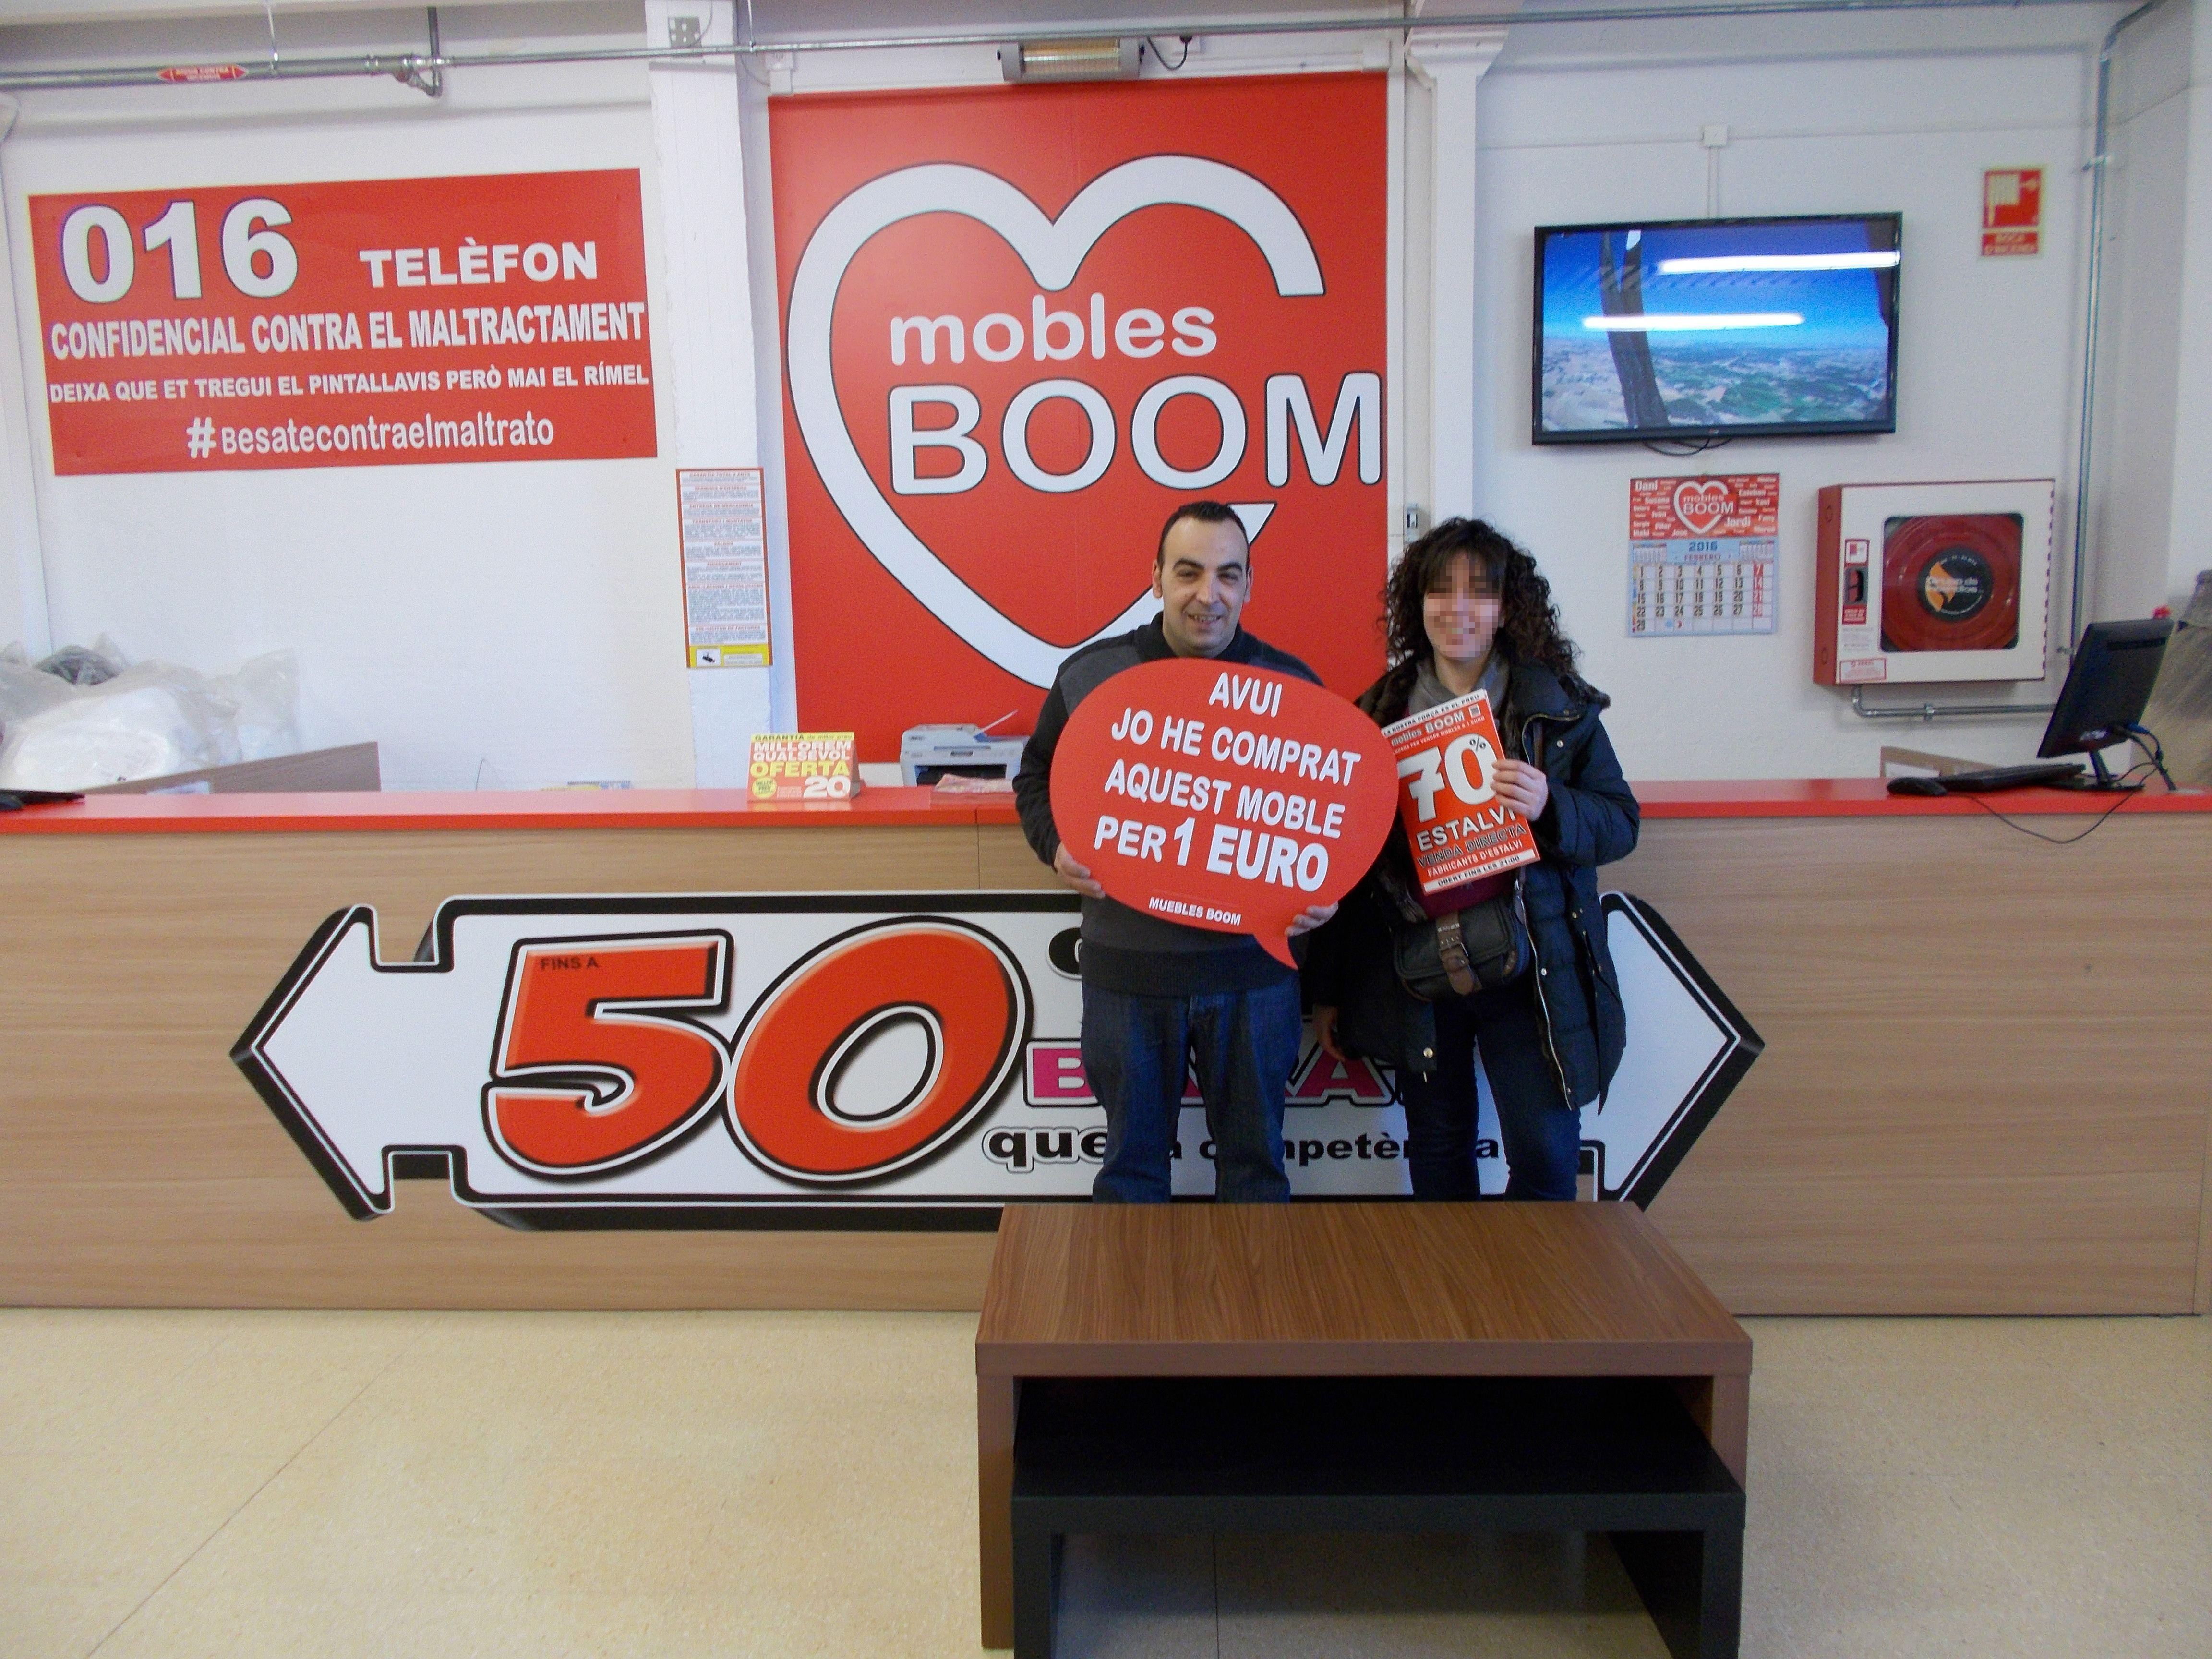 El Pasado Lunes Javier G V Se Compr Por S Lo 1 Euro Esta  # Muebles Boom Alcorcon